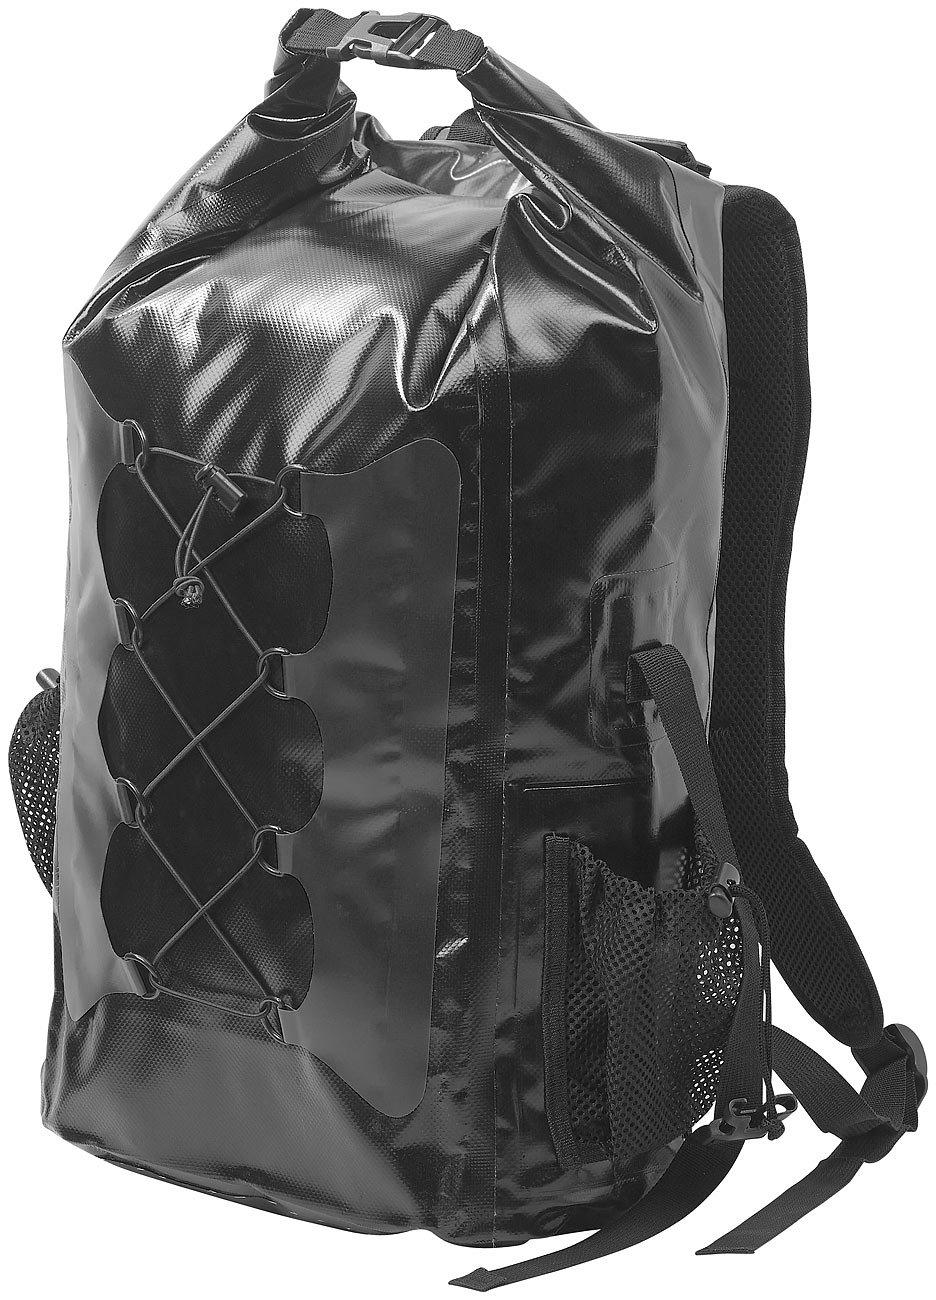 coloris noir Sac /à dos trekking /étanche en toile de b/âche 30 L